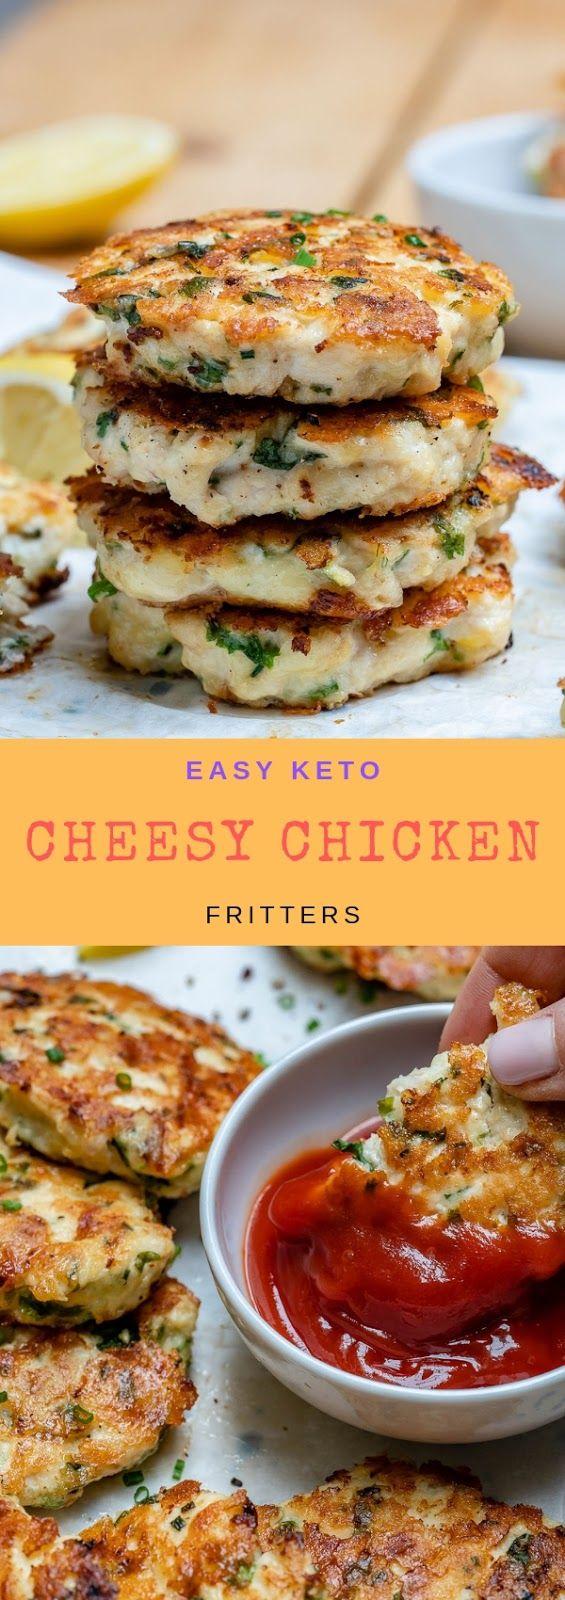 Cheesy Chicken Fritters Recipe Easy Keto Cheesy Chicken Fritters Chicken Fritters Recipe Fritter Recipes Recipes